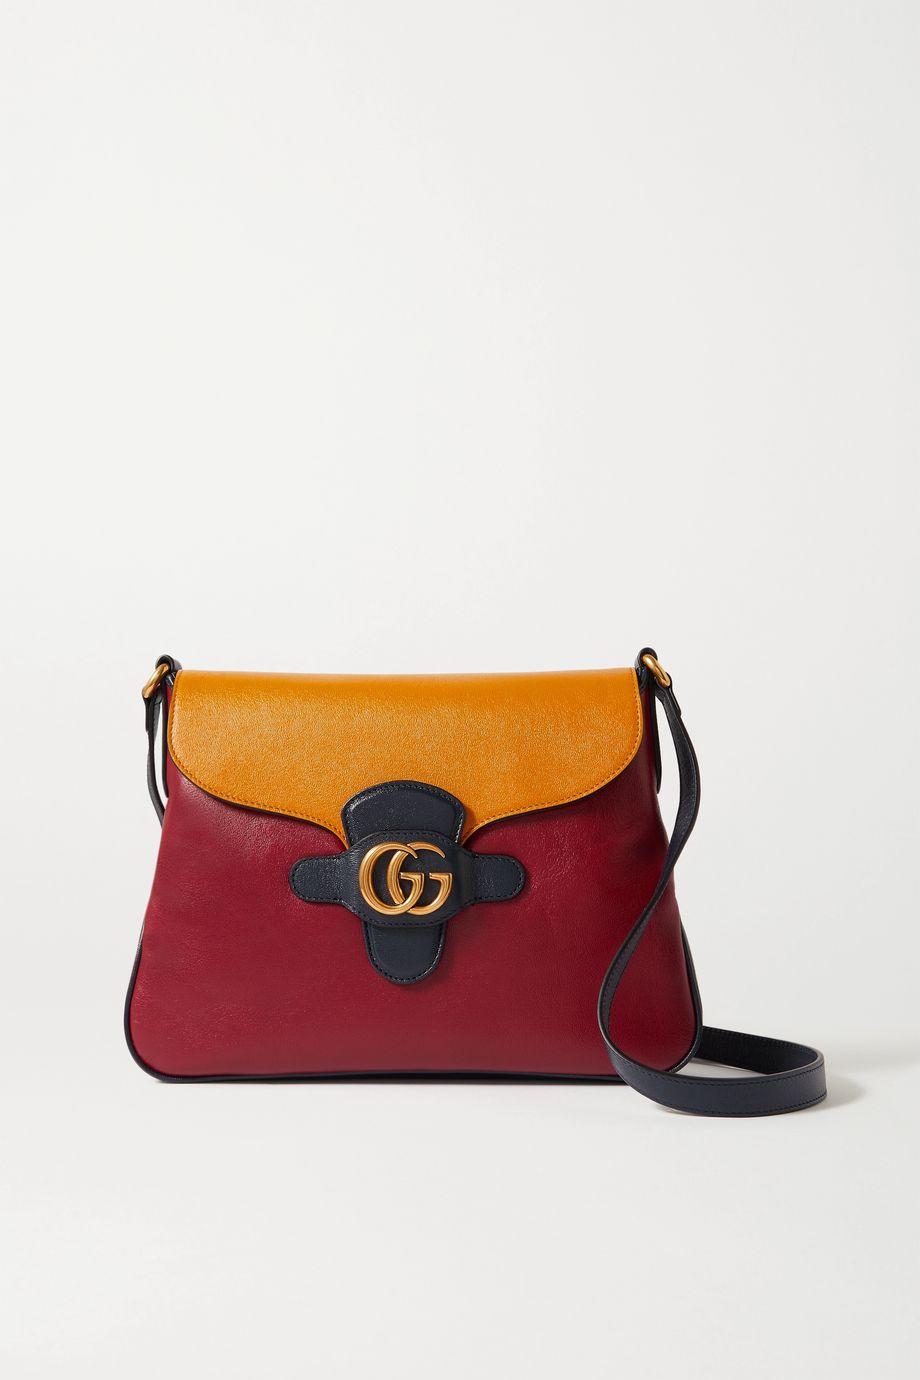 Gucci + NET SUSTAIN Dahlia mittelgroße Schultertasche aus Leder in Colour-Block-Optik